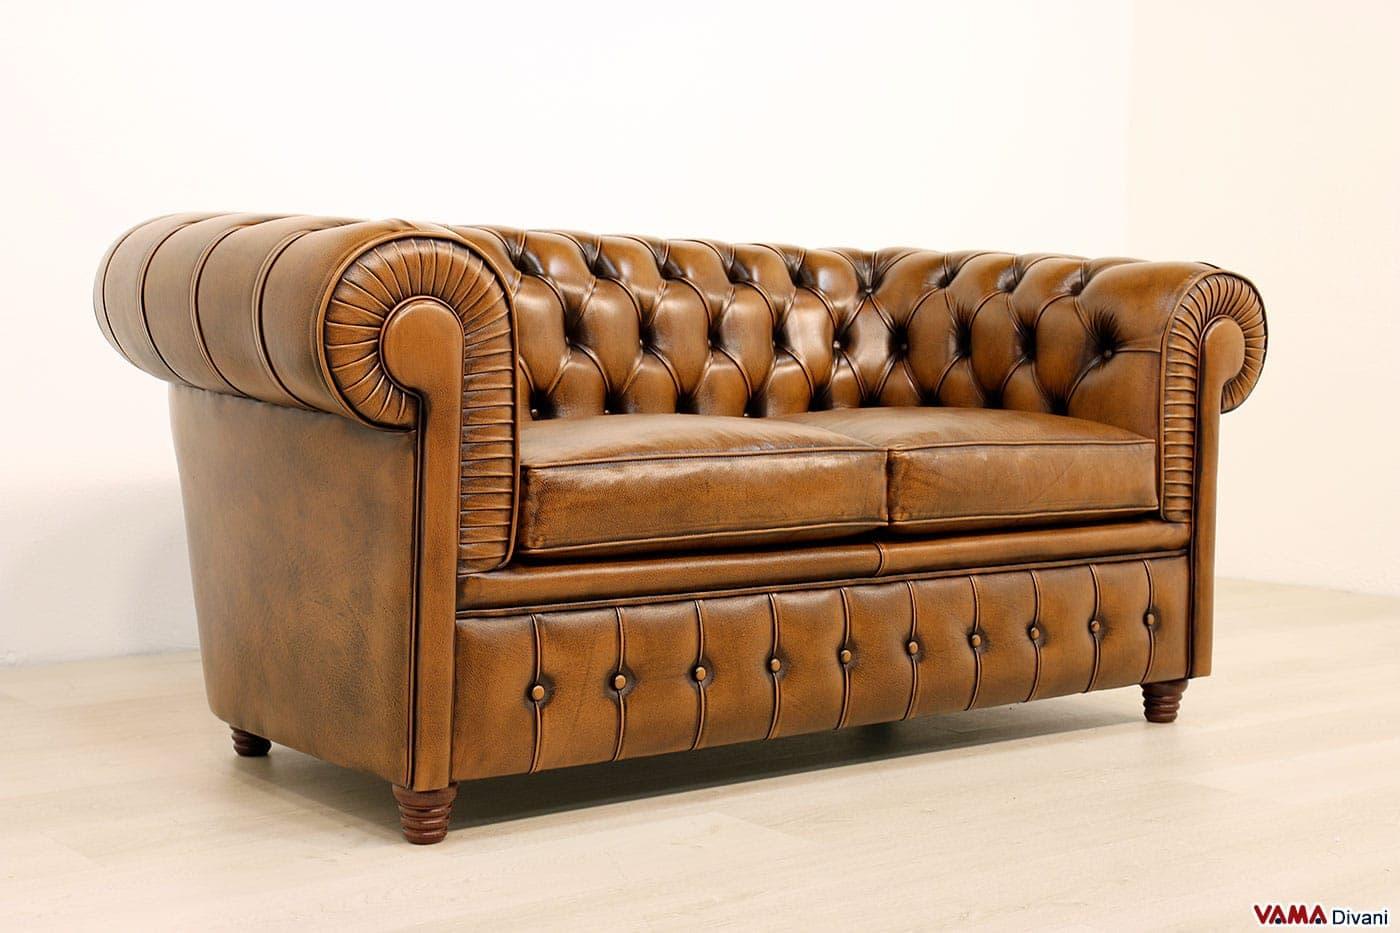 Divano chesterfield 2 posti vama divani for Divano 2 posti usato